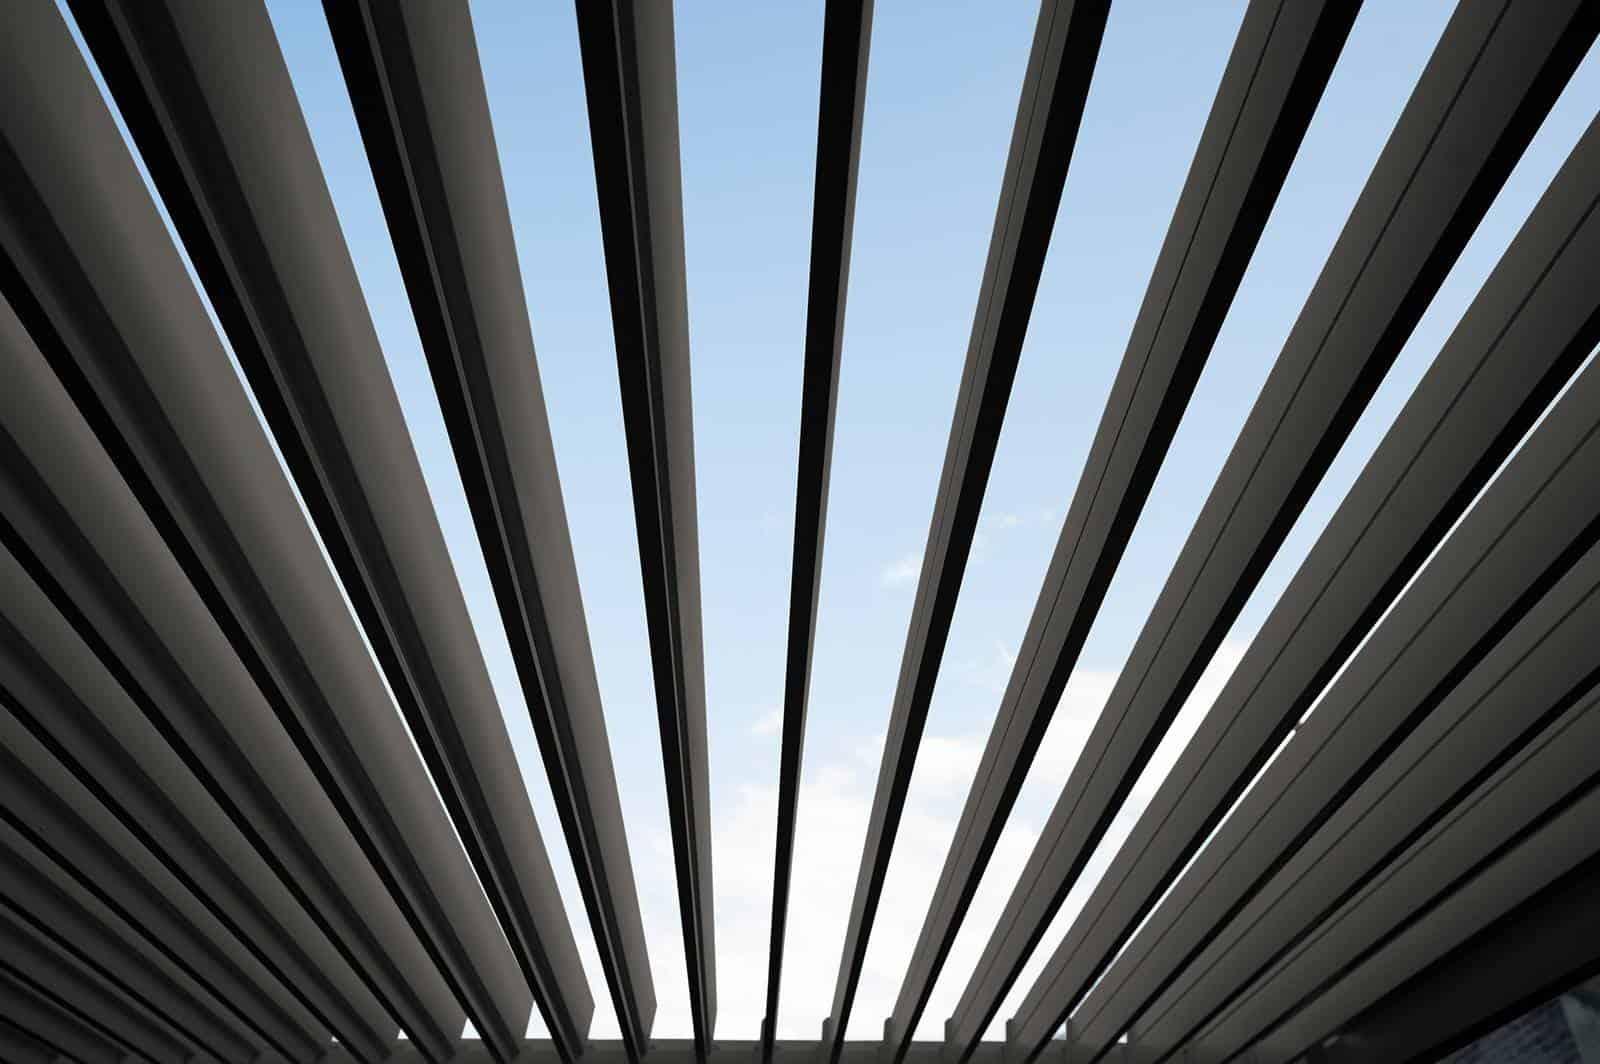 Zadaszenie tarasowe PERARA 600x300cm antracyt